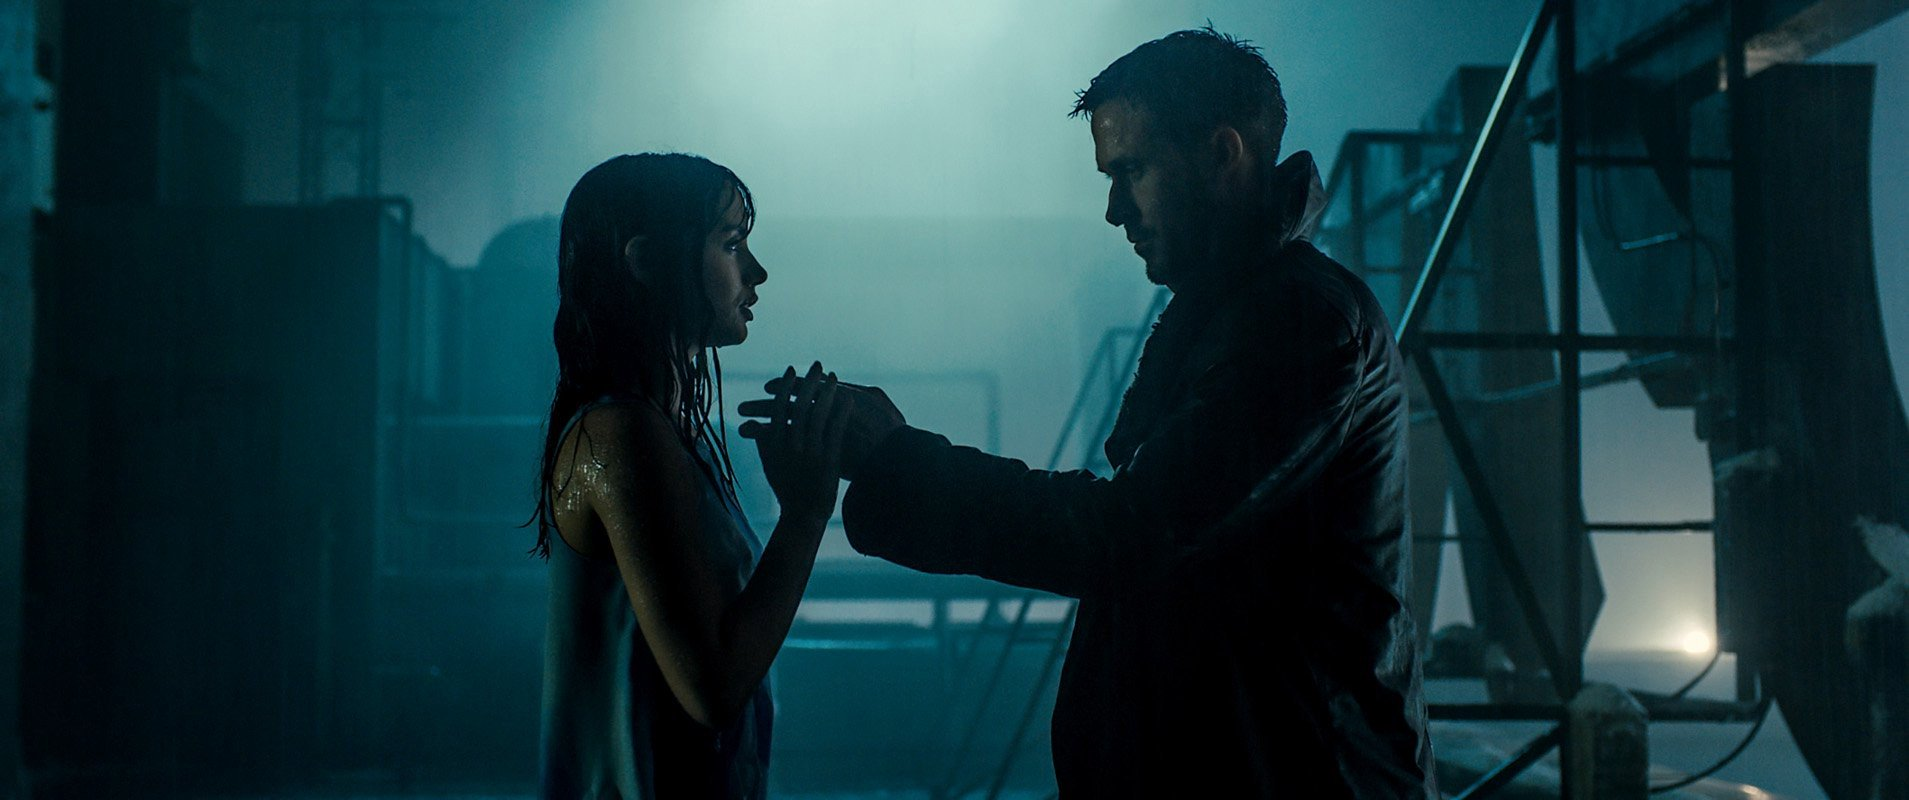 Joi, Blade Runner 2049 (2017)